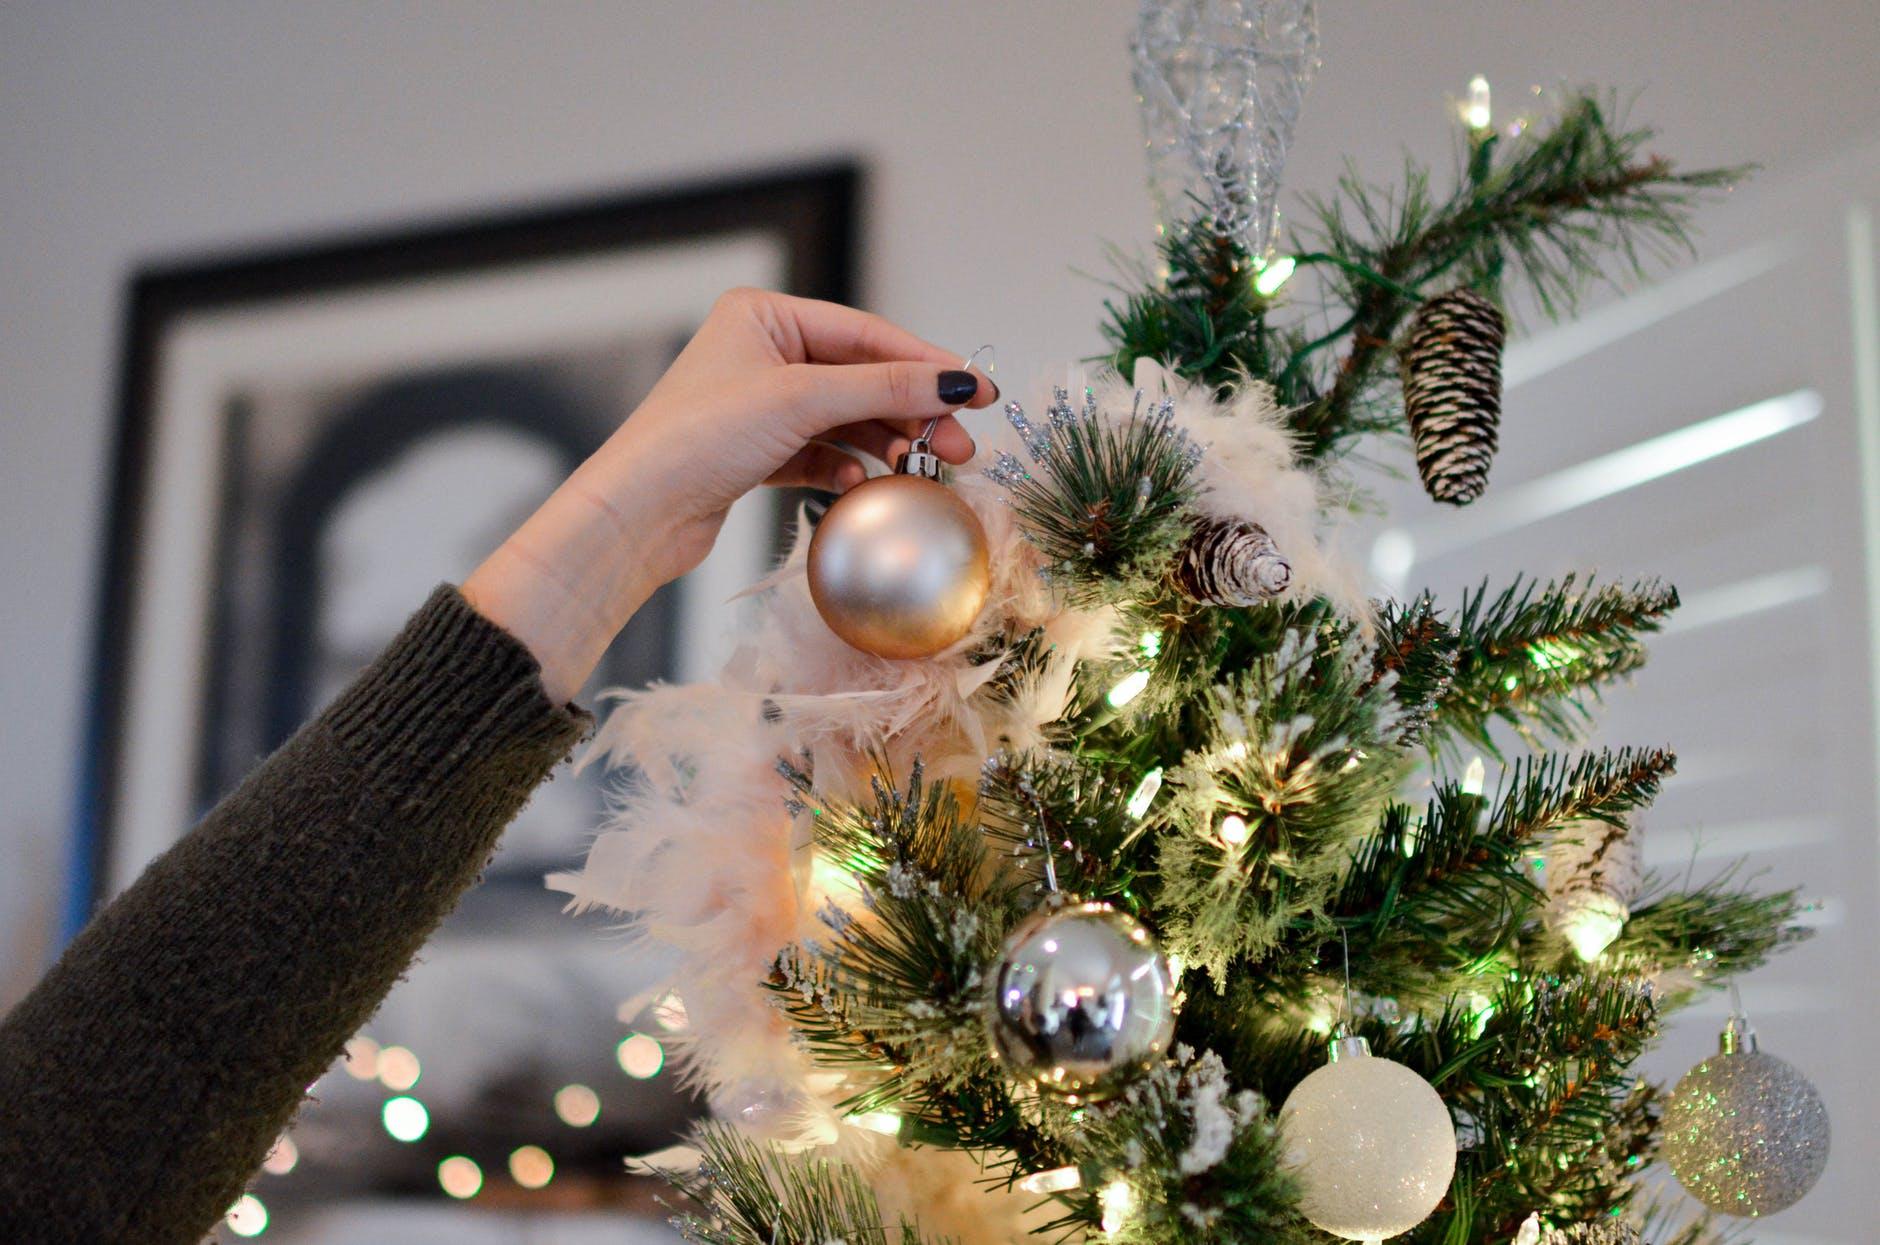 Hanging Christmas ornaments on the Christmas tree a Canadian Tradition #christmas #ornaments #tradition